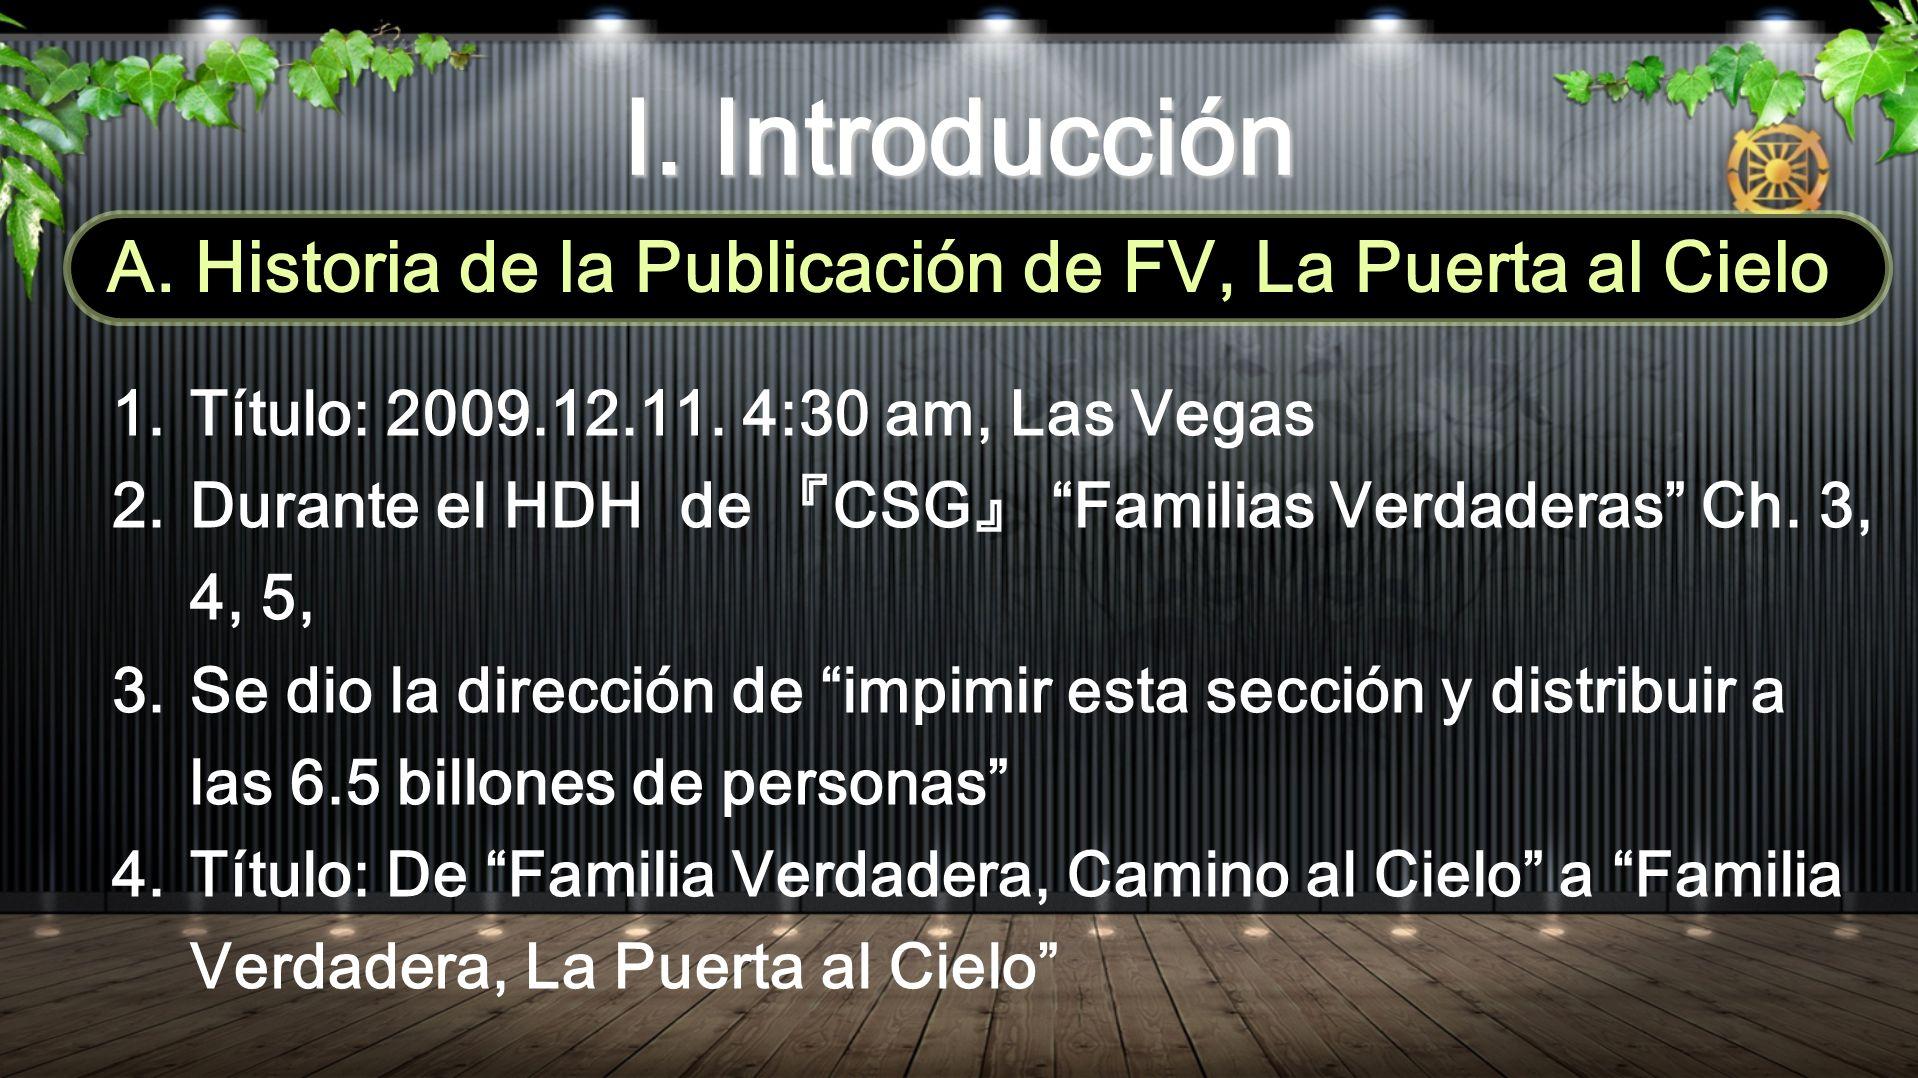 1.Título: 2009.12.11. 4:30 am, Las Vegas 2.Durante el HDH de CSG Familias Verdaderas Ch.